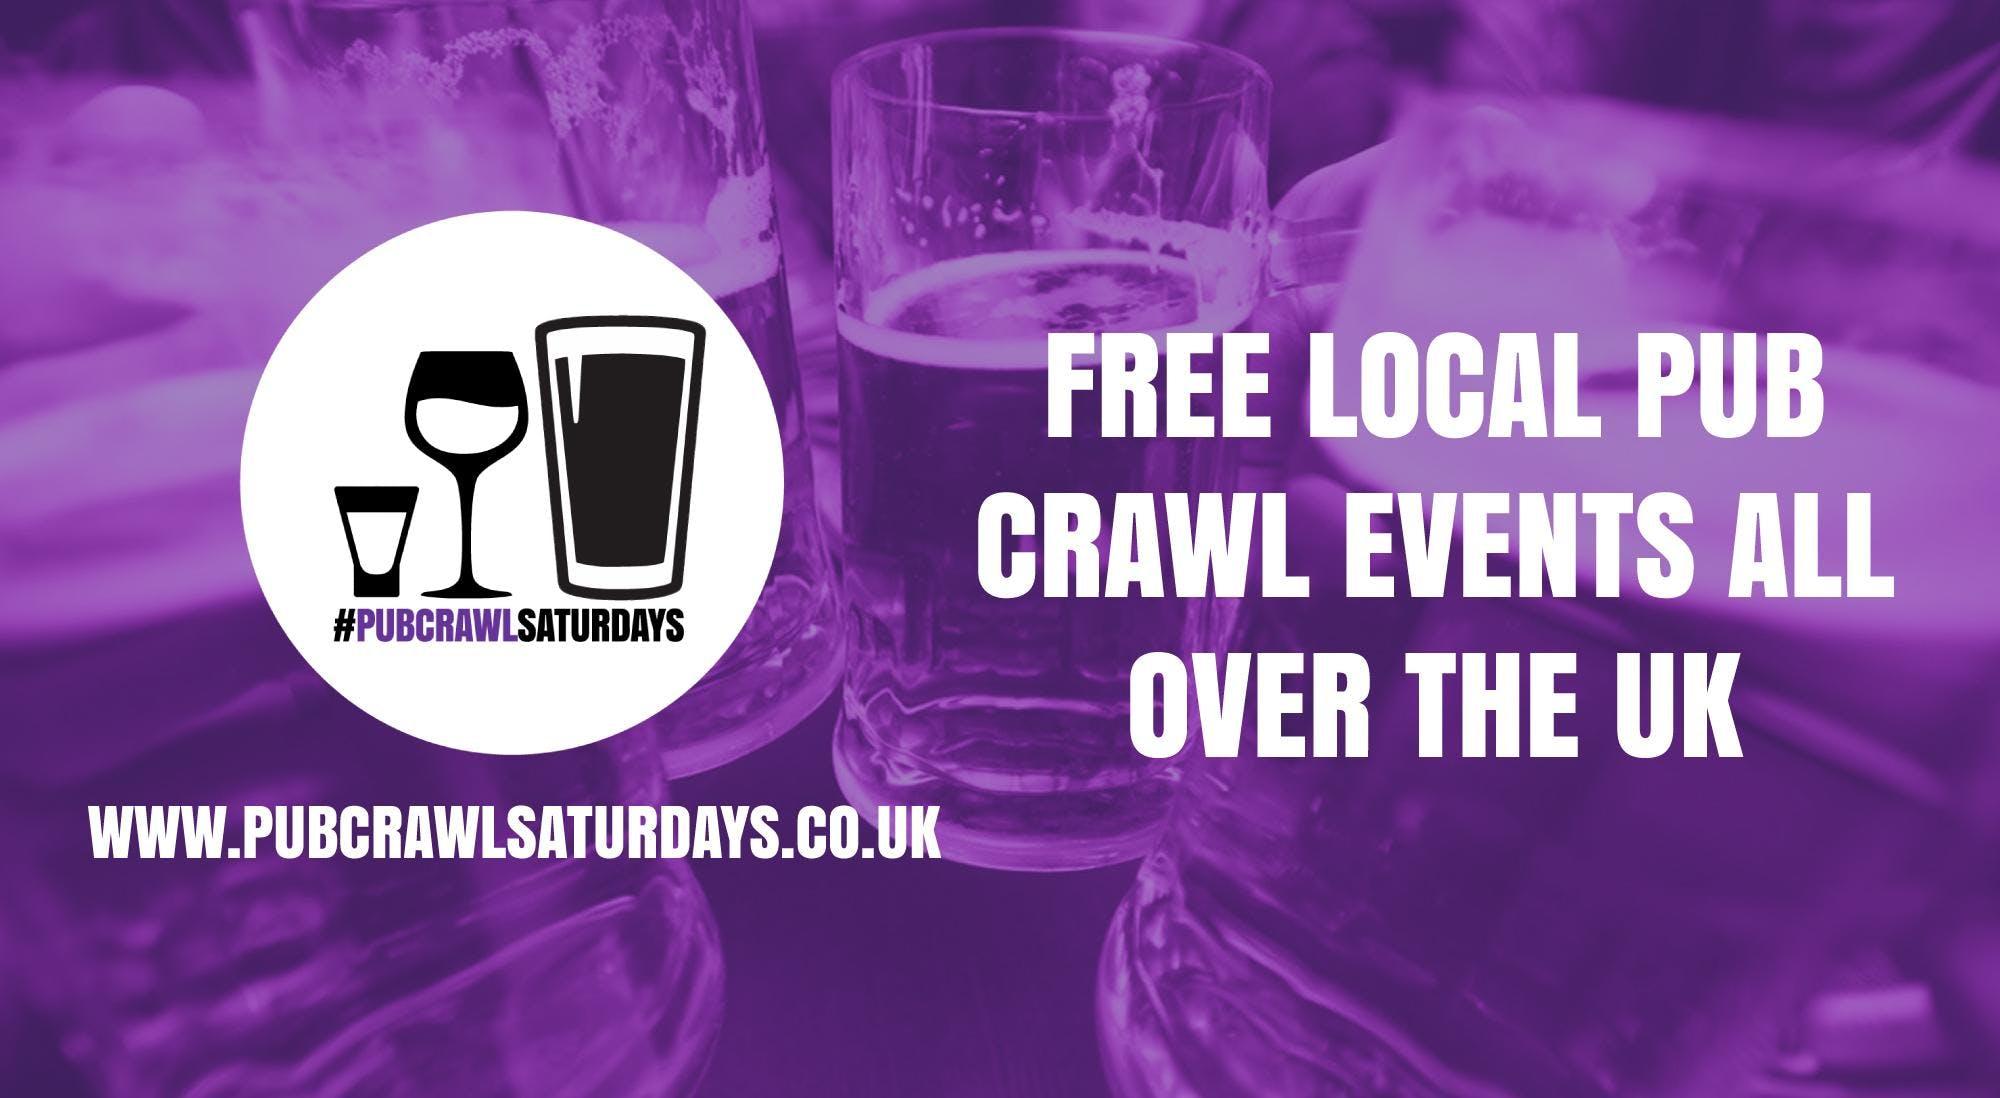 PUB CRAWL SATURDAYS! Free weekly pub crawl event in Ashton-under-Lyne